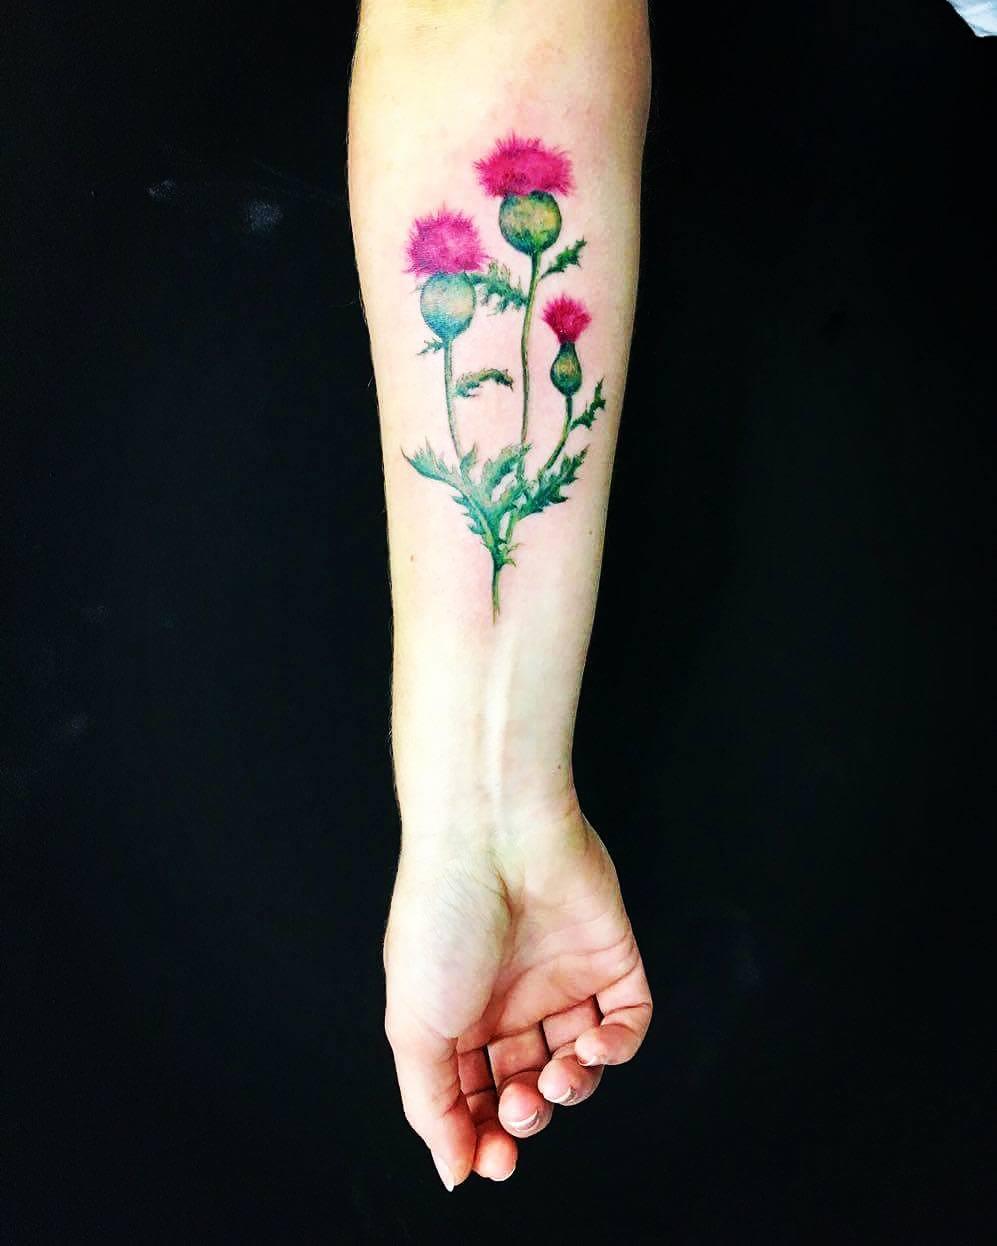 Татуировки для девушек фото на руке 2018 г